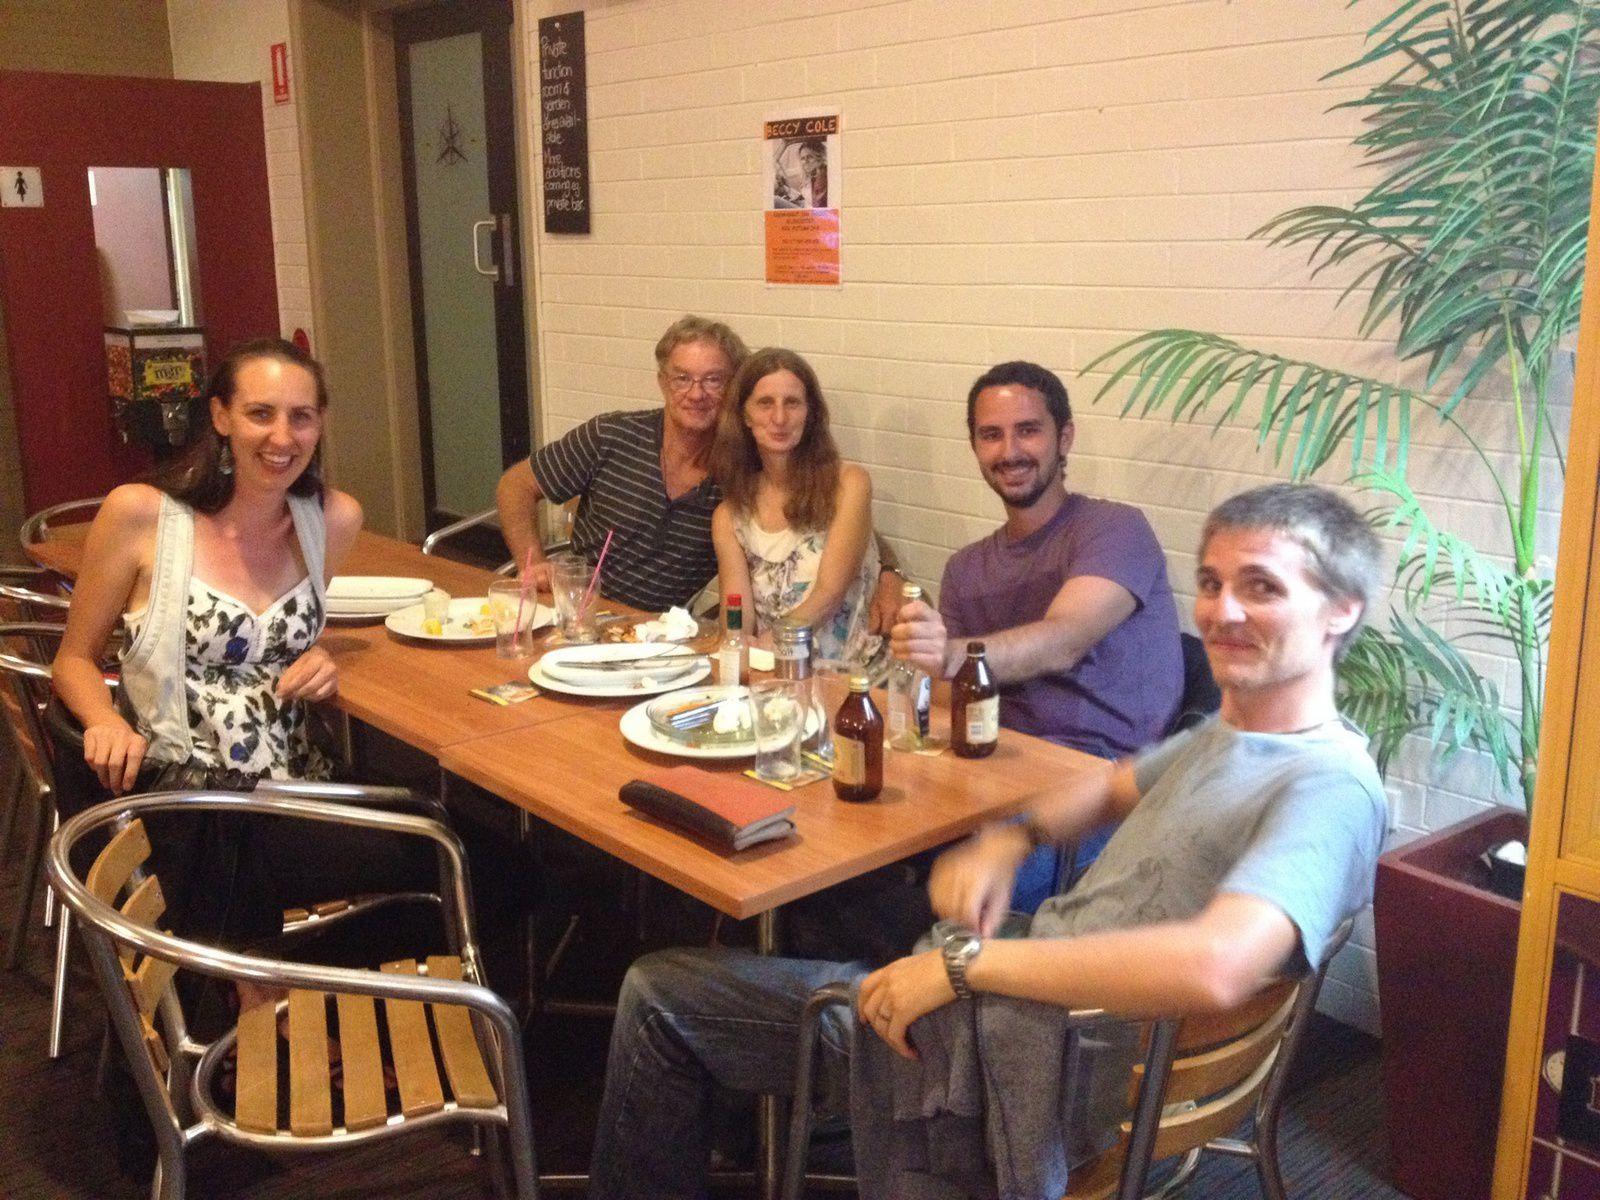 Dinner with Rachel's family